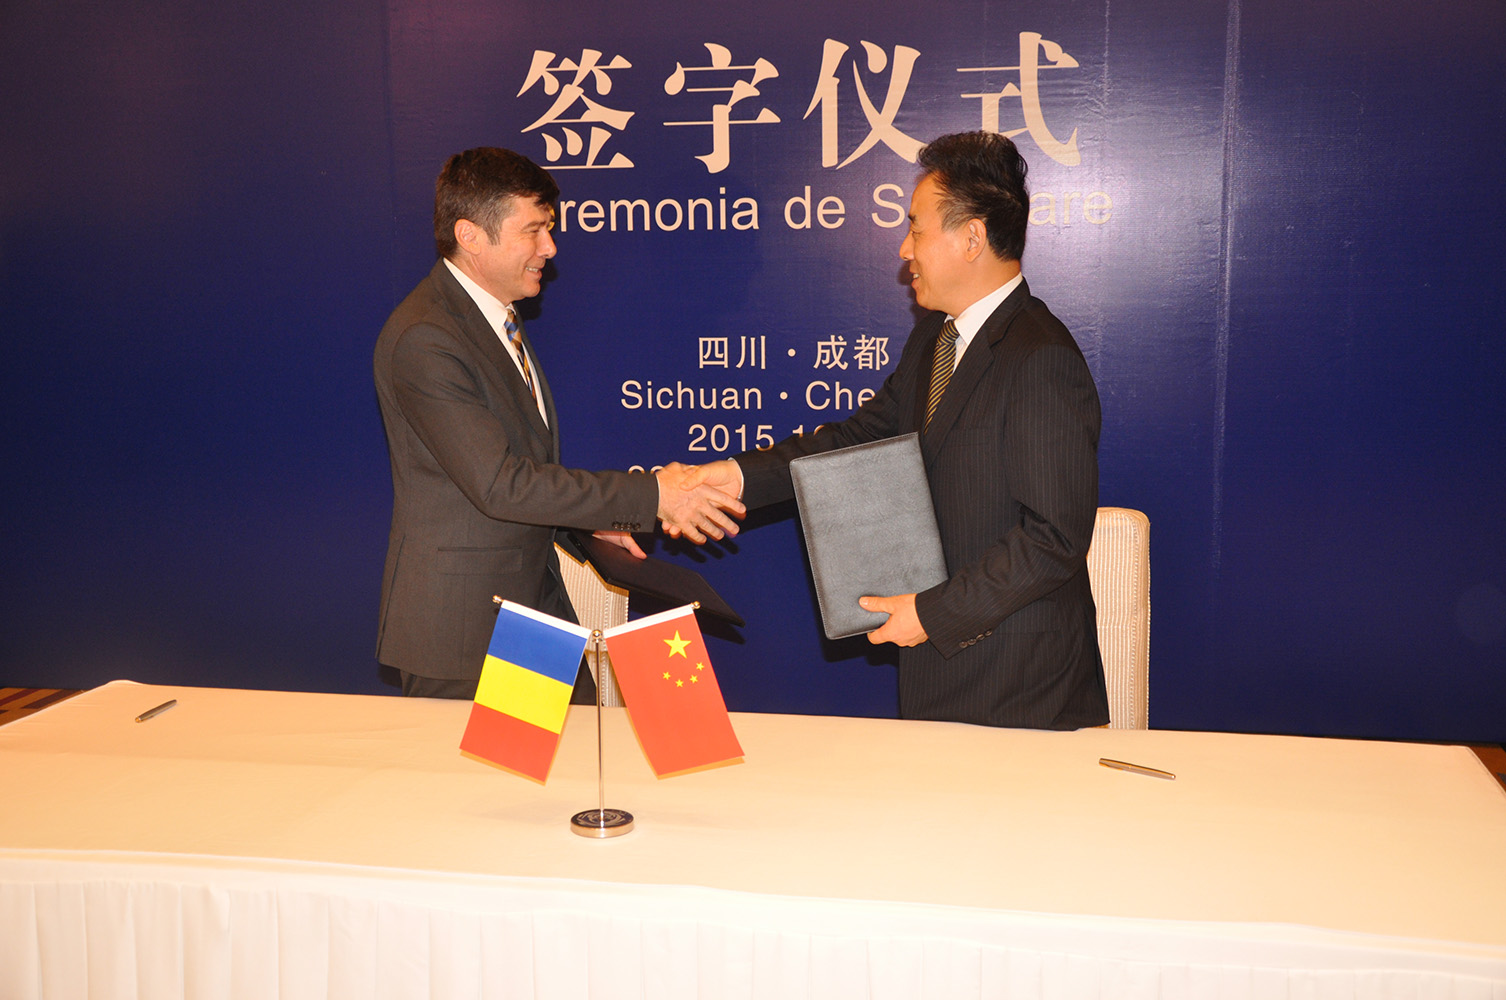 S-a semnat memorandumul de colaborare între judeţul Argeş şi Provincia Sichuan